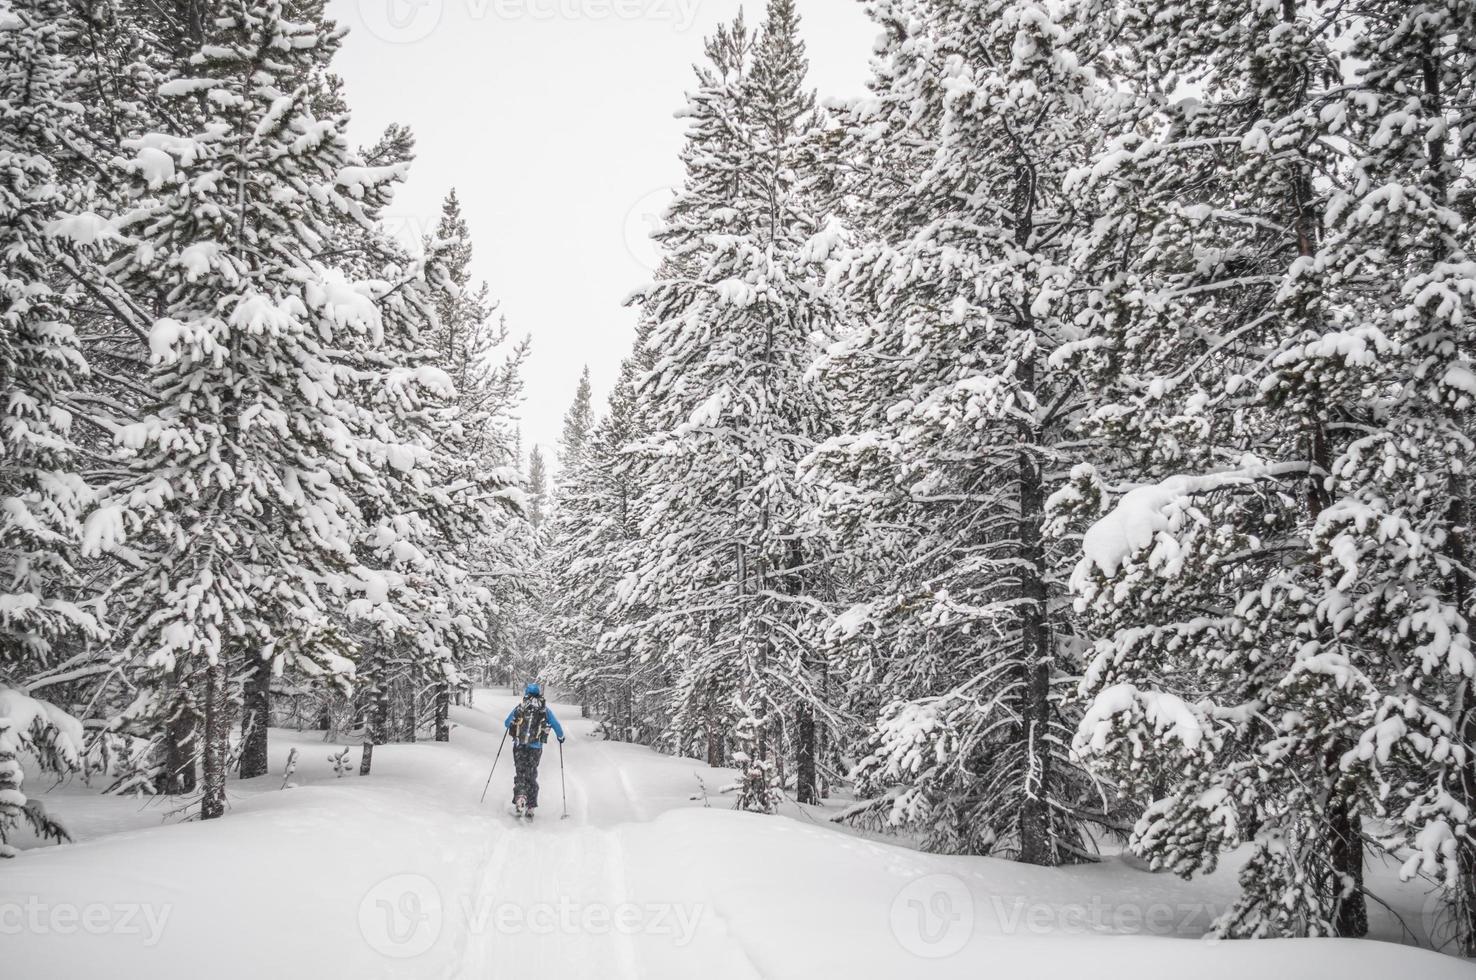 Skifahren im Winter foto